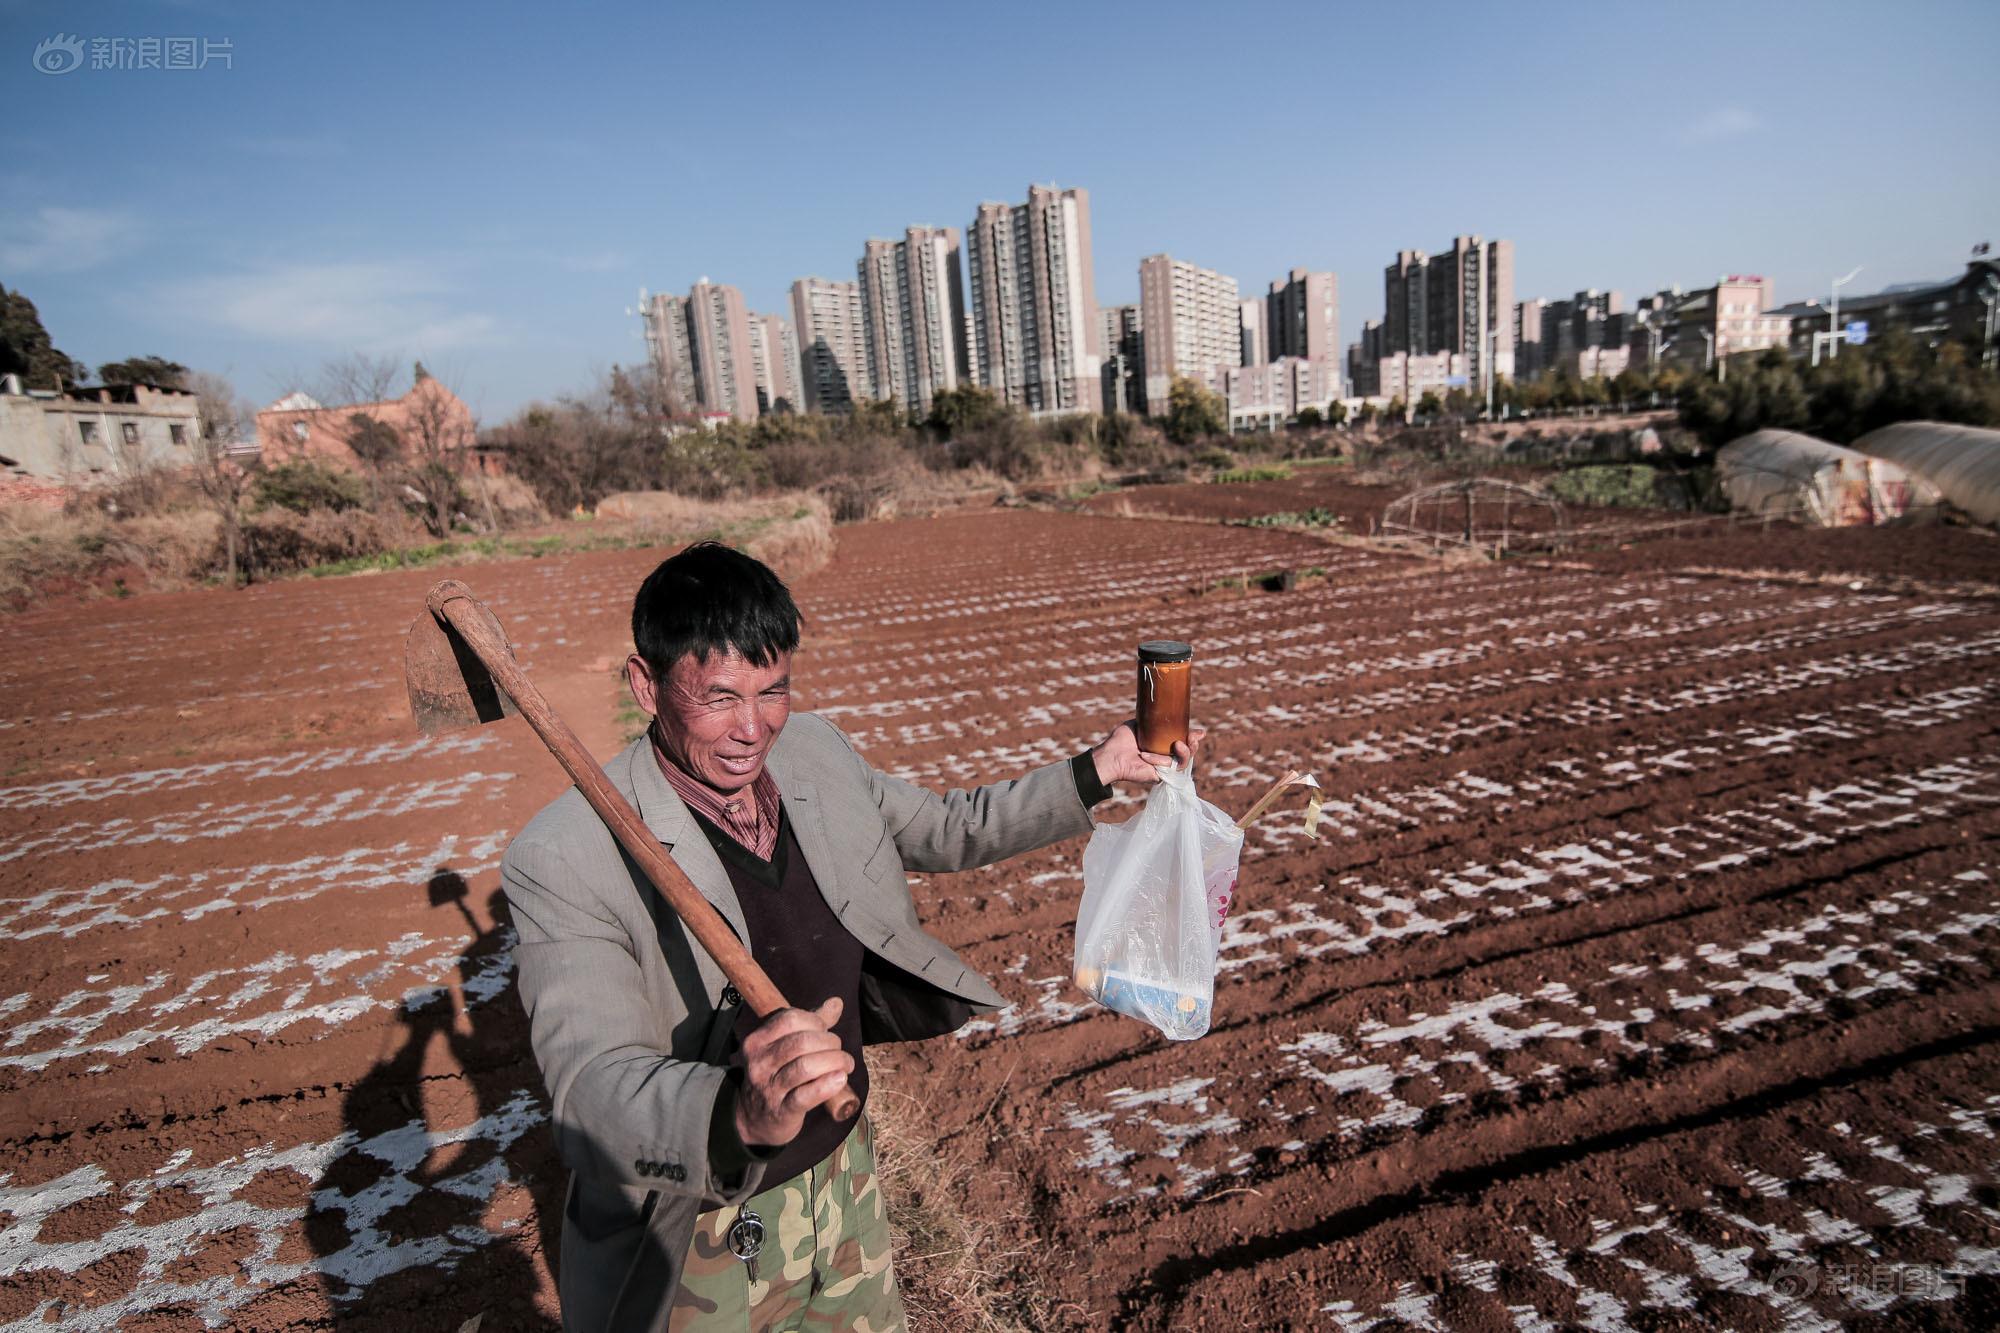 王先生走过从前村里的一片田地,这里原本有着大片蔬菜和鲜花基地,随着新城建成,仅存的田地也由其他单位接管了。至于土地将会如何使用,他都不太清楚。